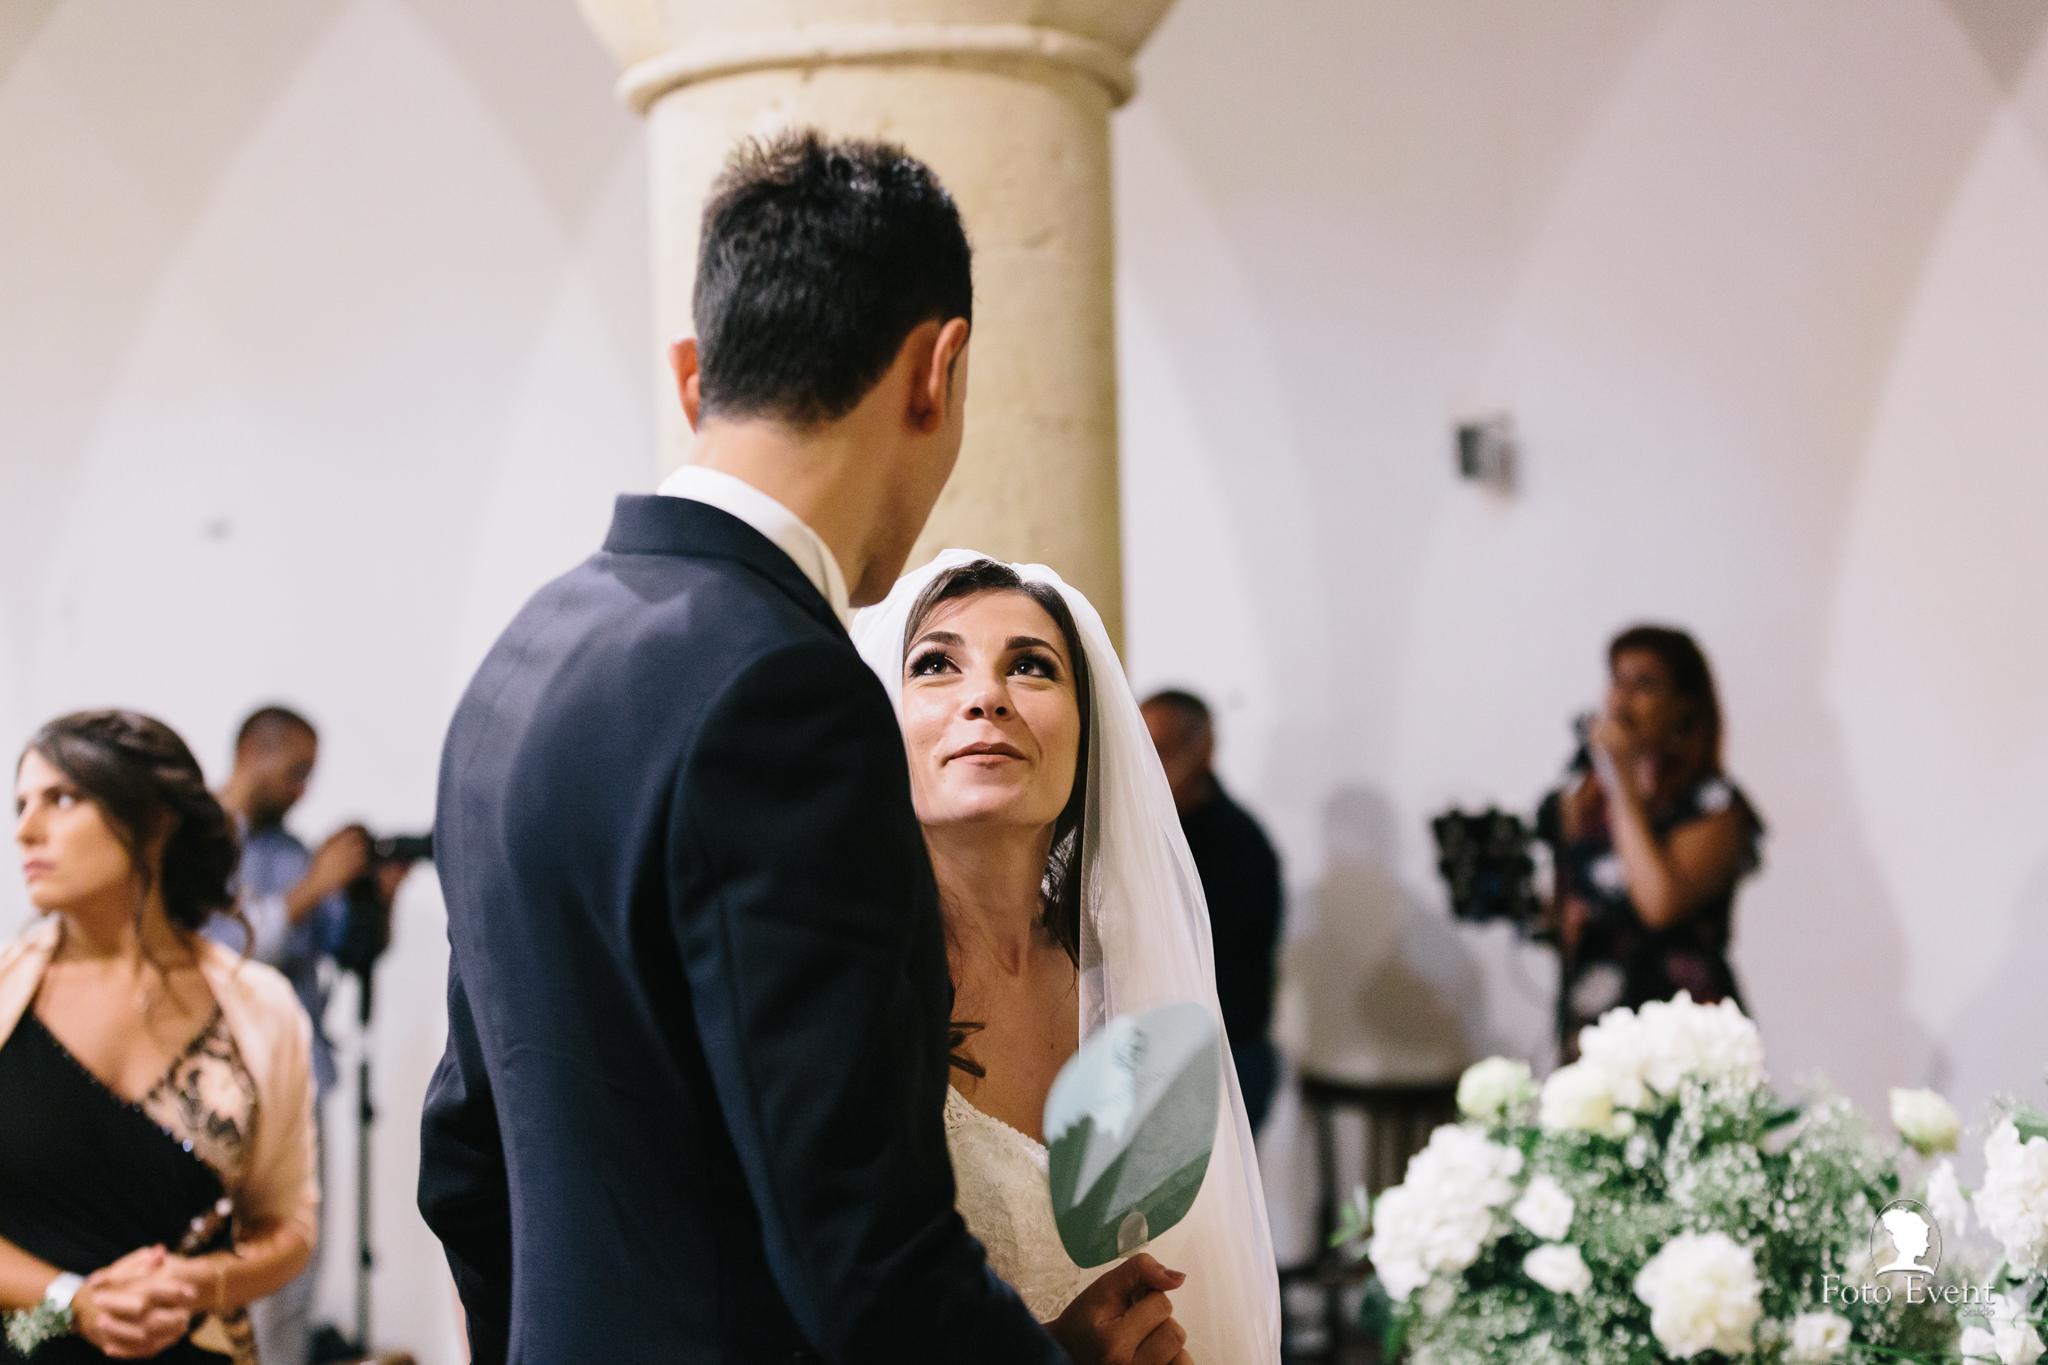 026-2019-08-23-Matrimonio-Lucia-e-Rosario-Scopelliti-zoom-206